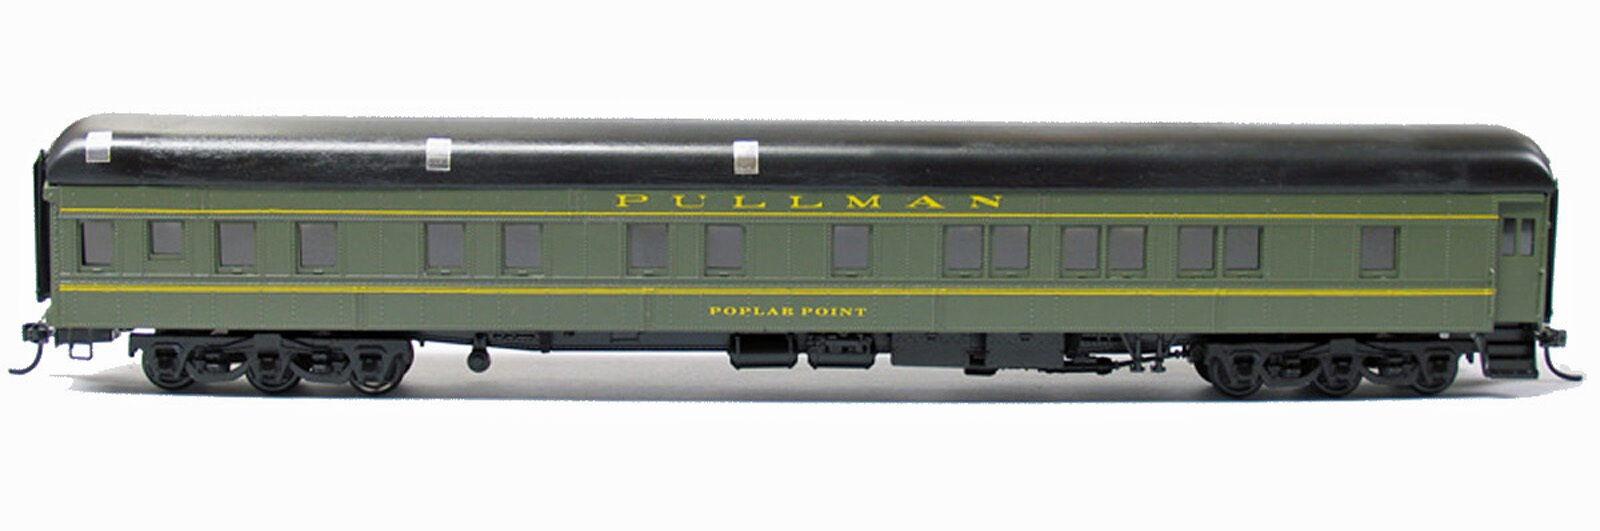 PULLMAN POPLAR 6-6 SLEEPER HO Railroad Plastic w/ Brass Car Sides KIT BC4060